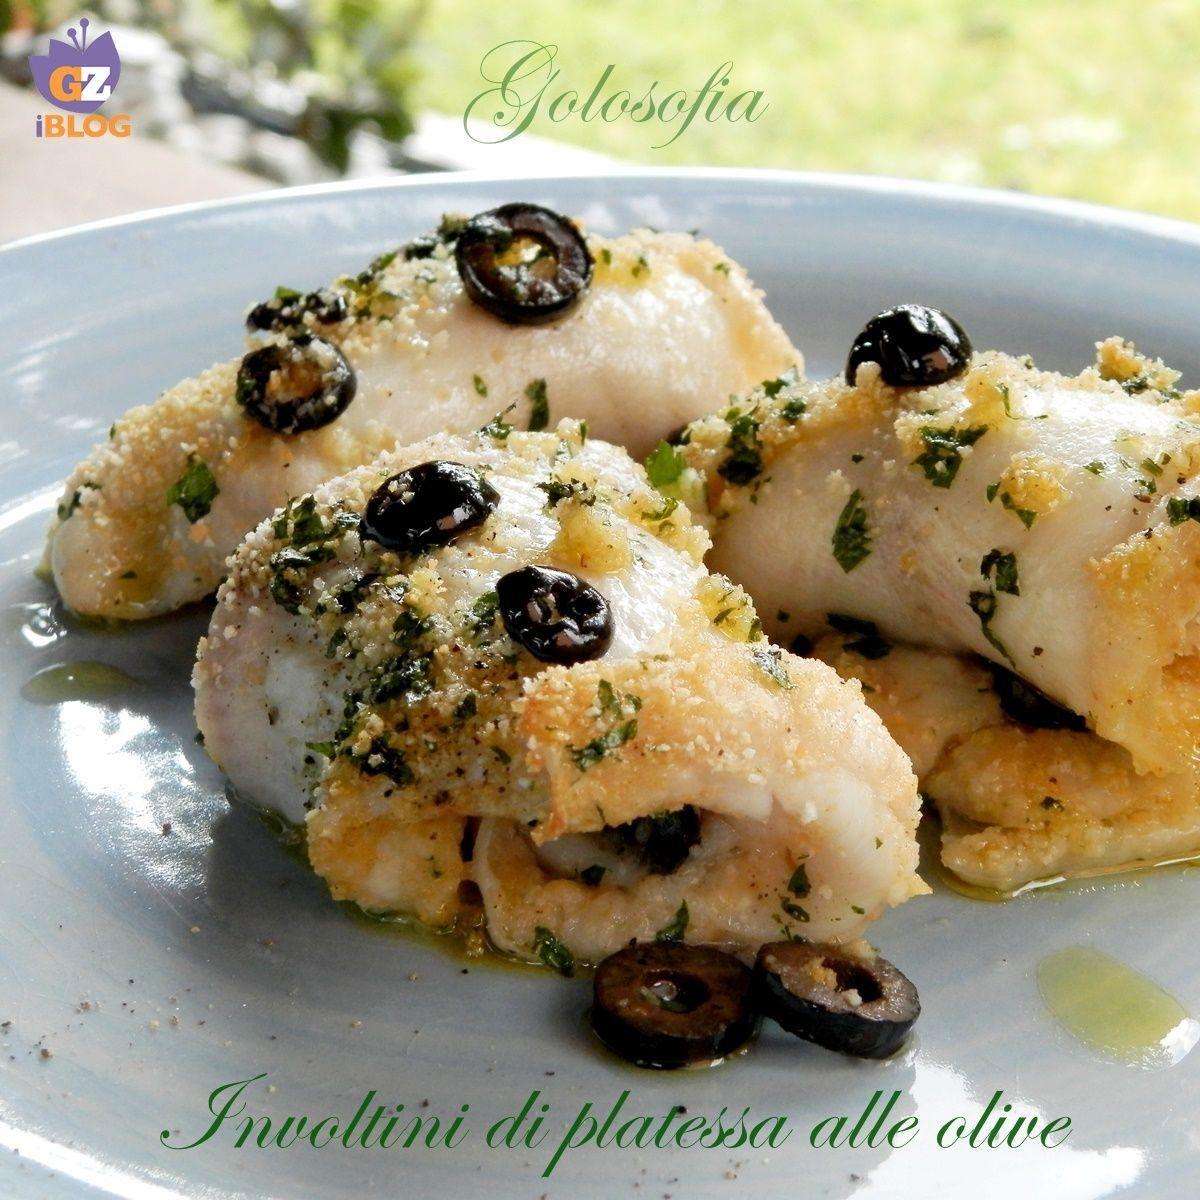 Involtini di platessa alle olive-ricetta gustosissima #fitness #alle #involtini #platessa #oliverice...